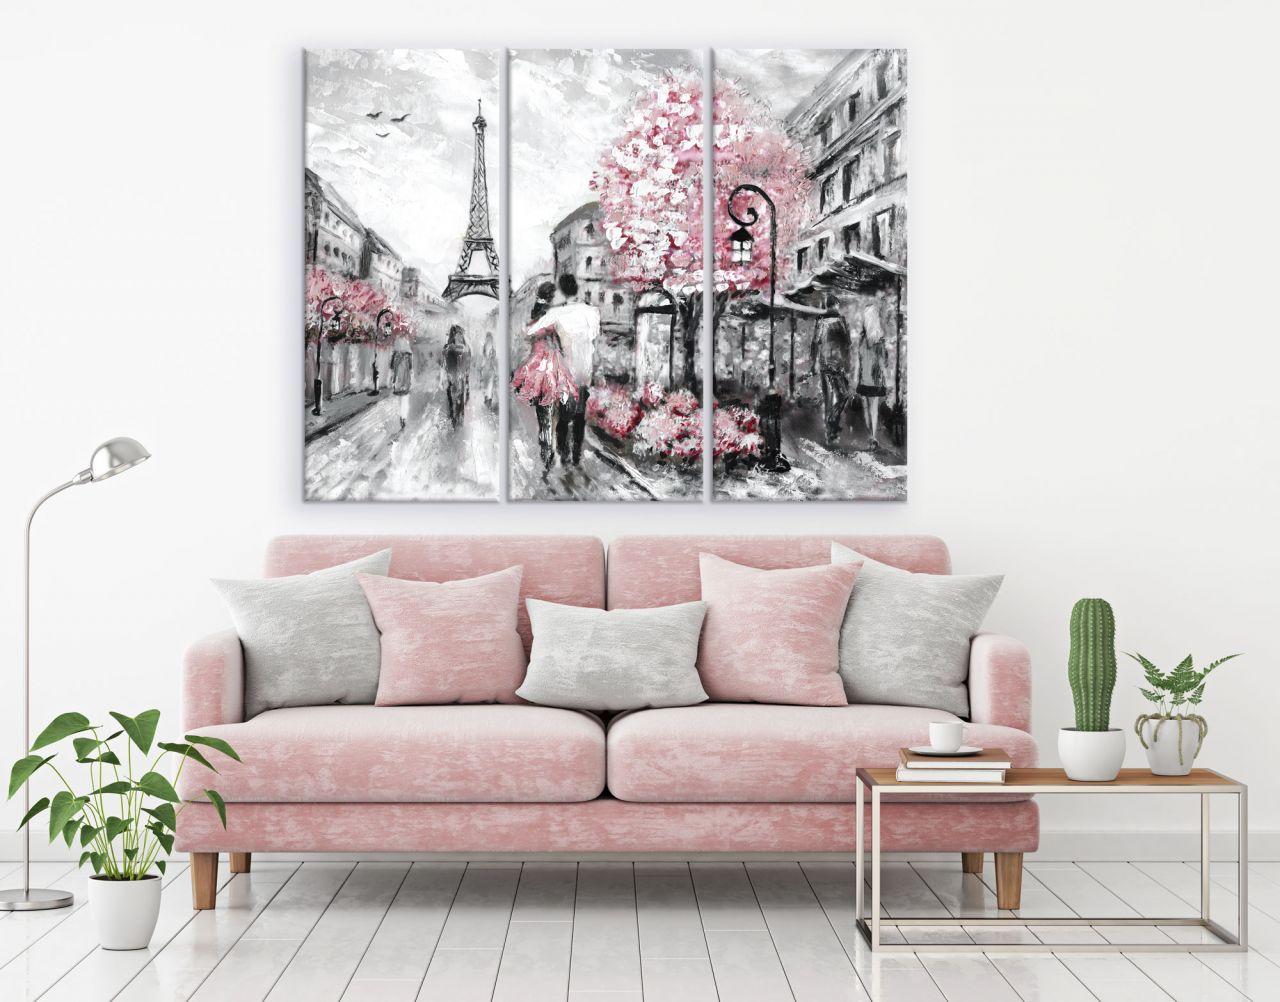 תמונת קנבס ציור שמן אהבה בפריז